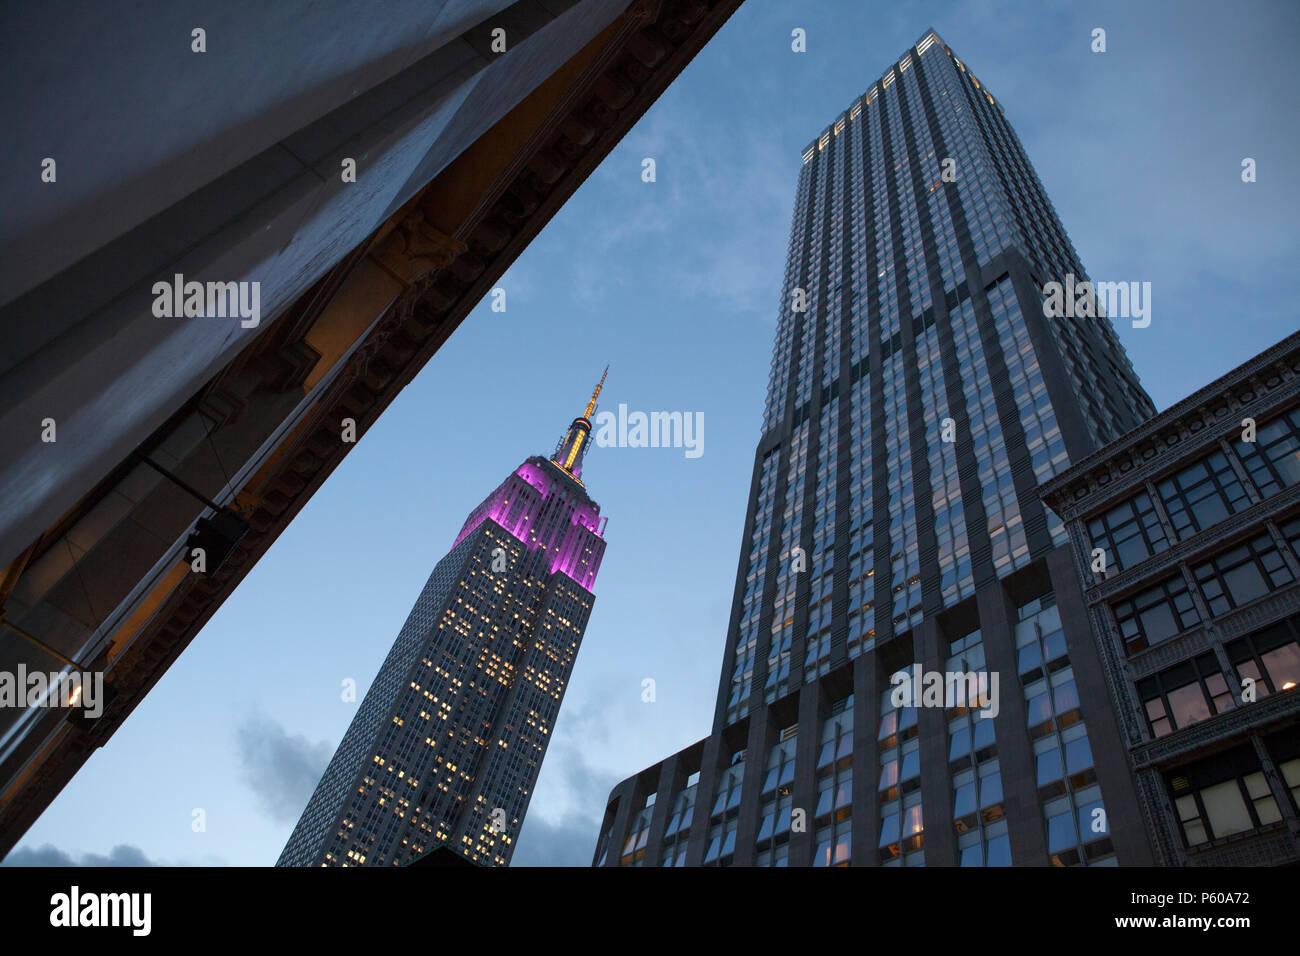 La art-deco architettura di New York Empire State Building raggiunge il cielo al tramonto Immagini Stock